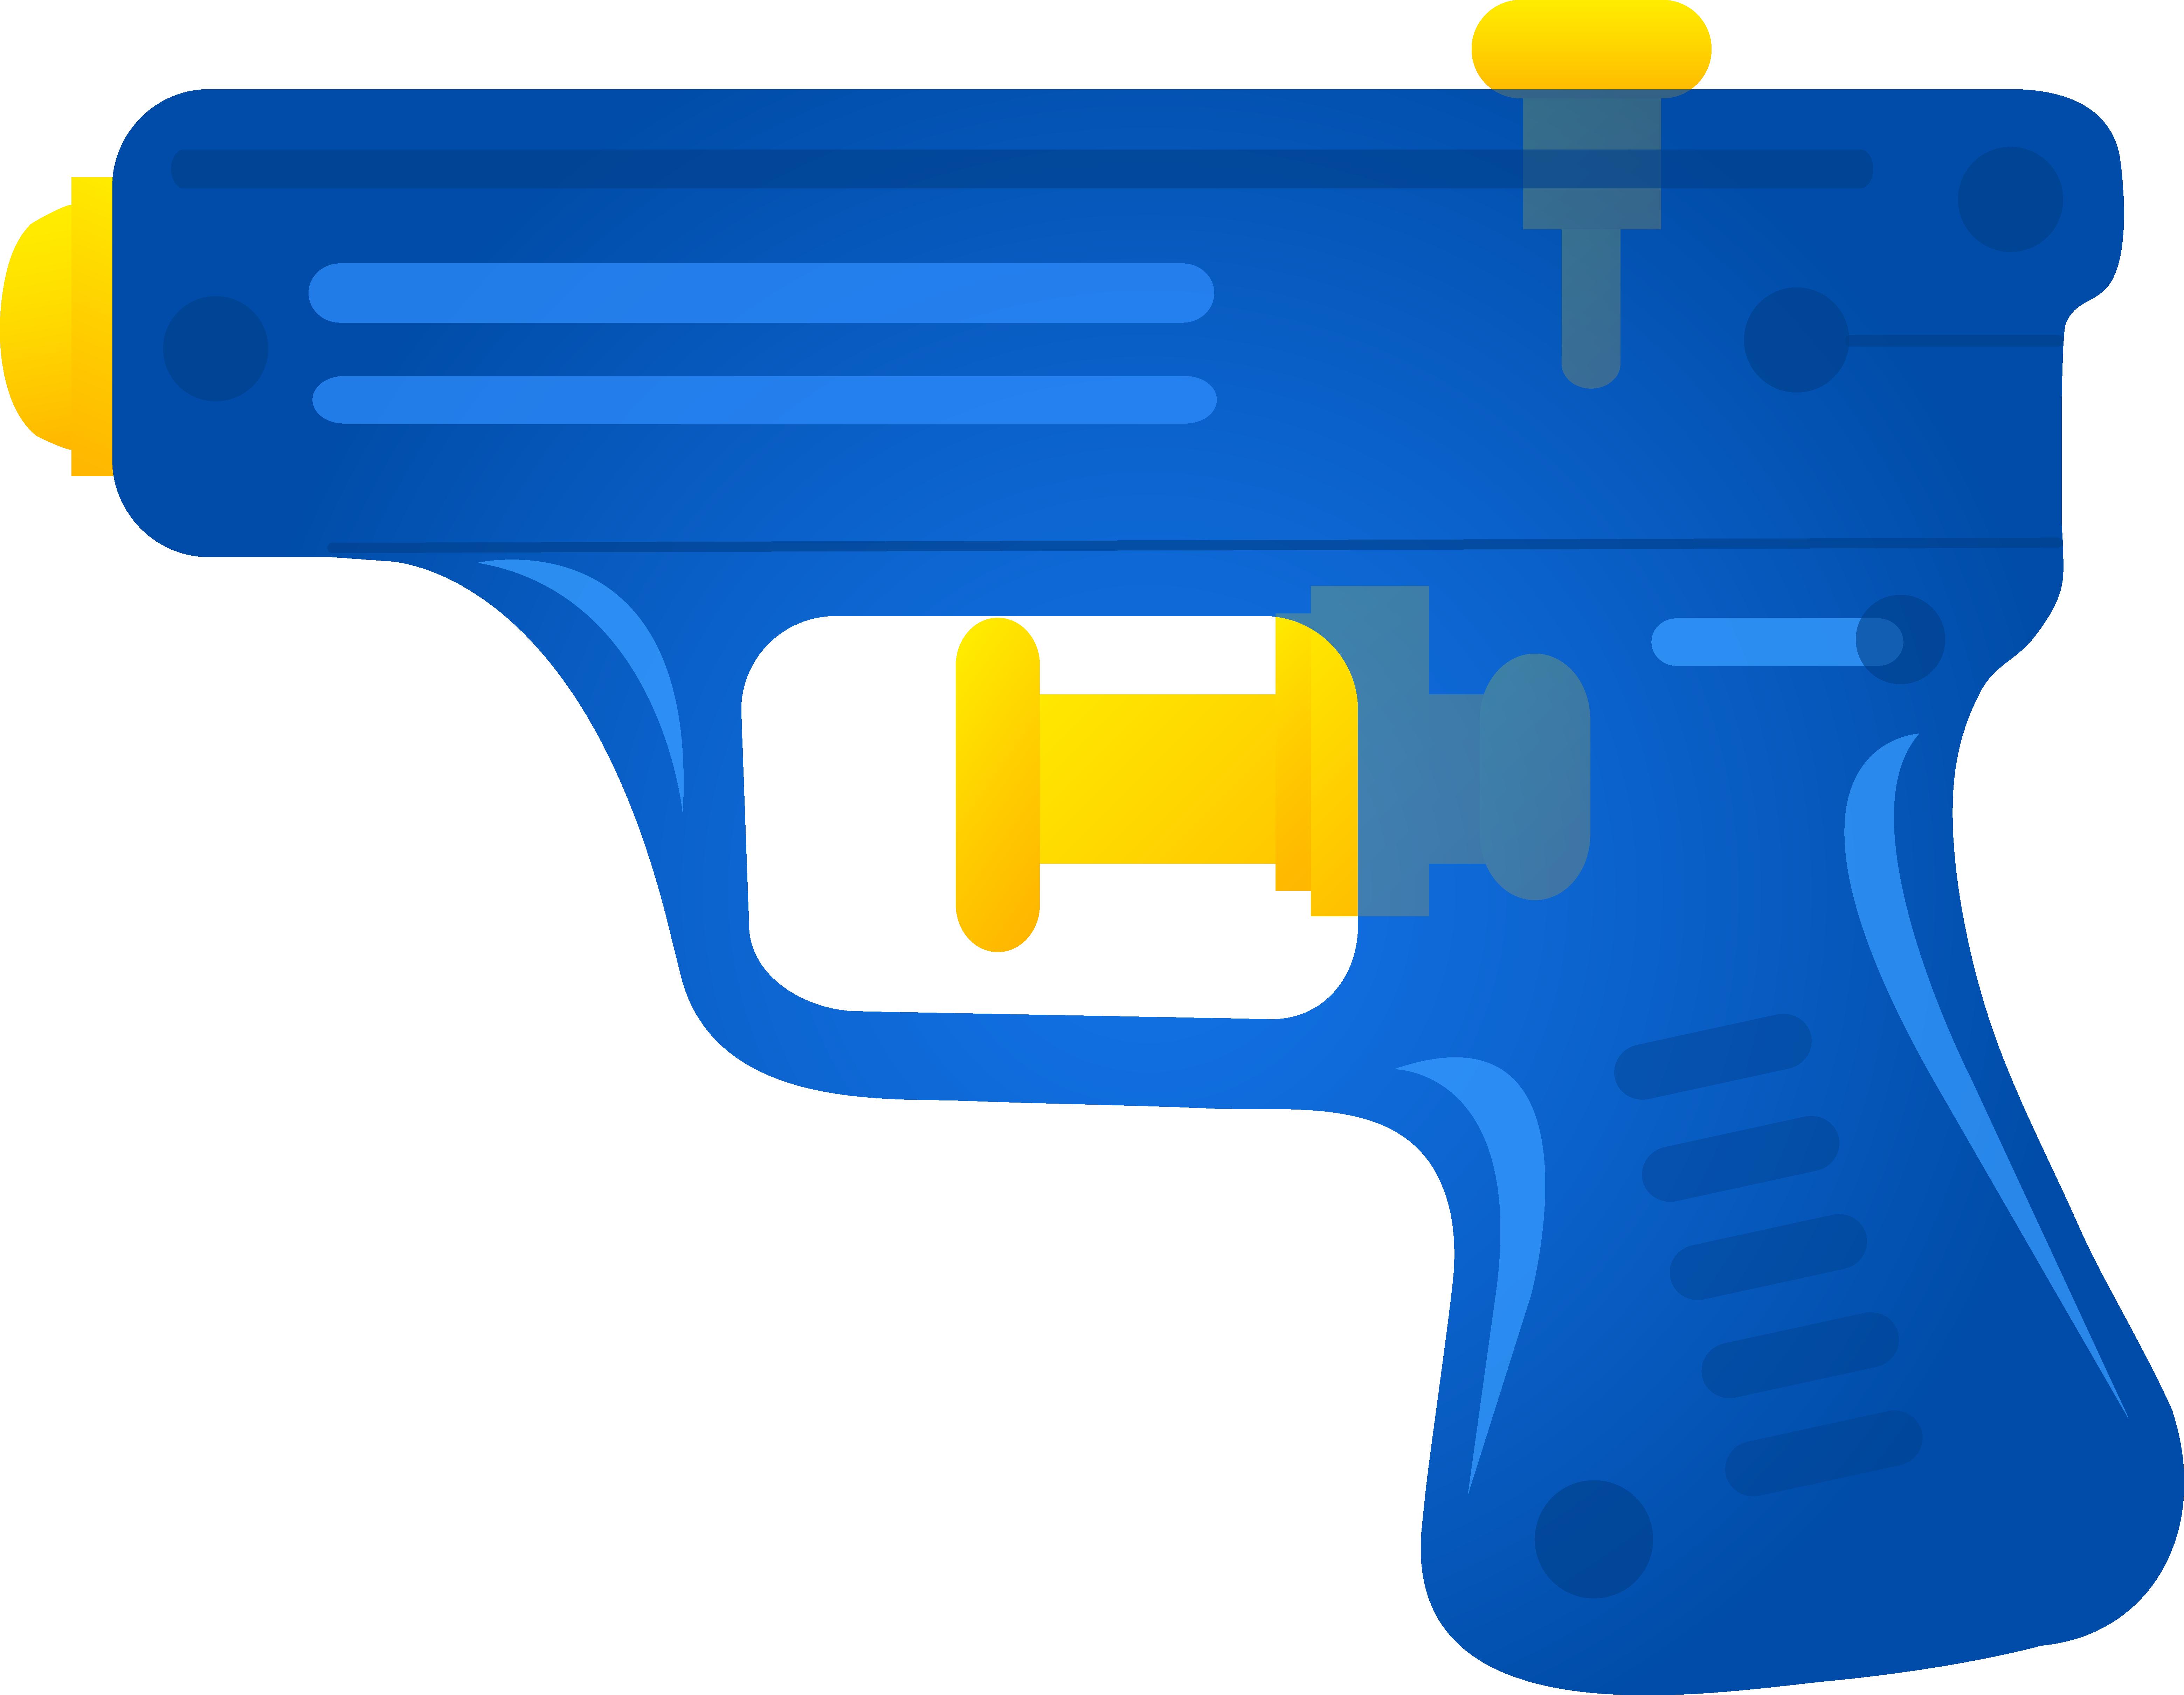 6236x4841 Blue Toy Squirt Gun